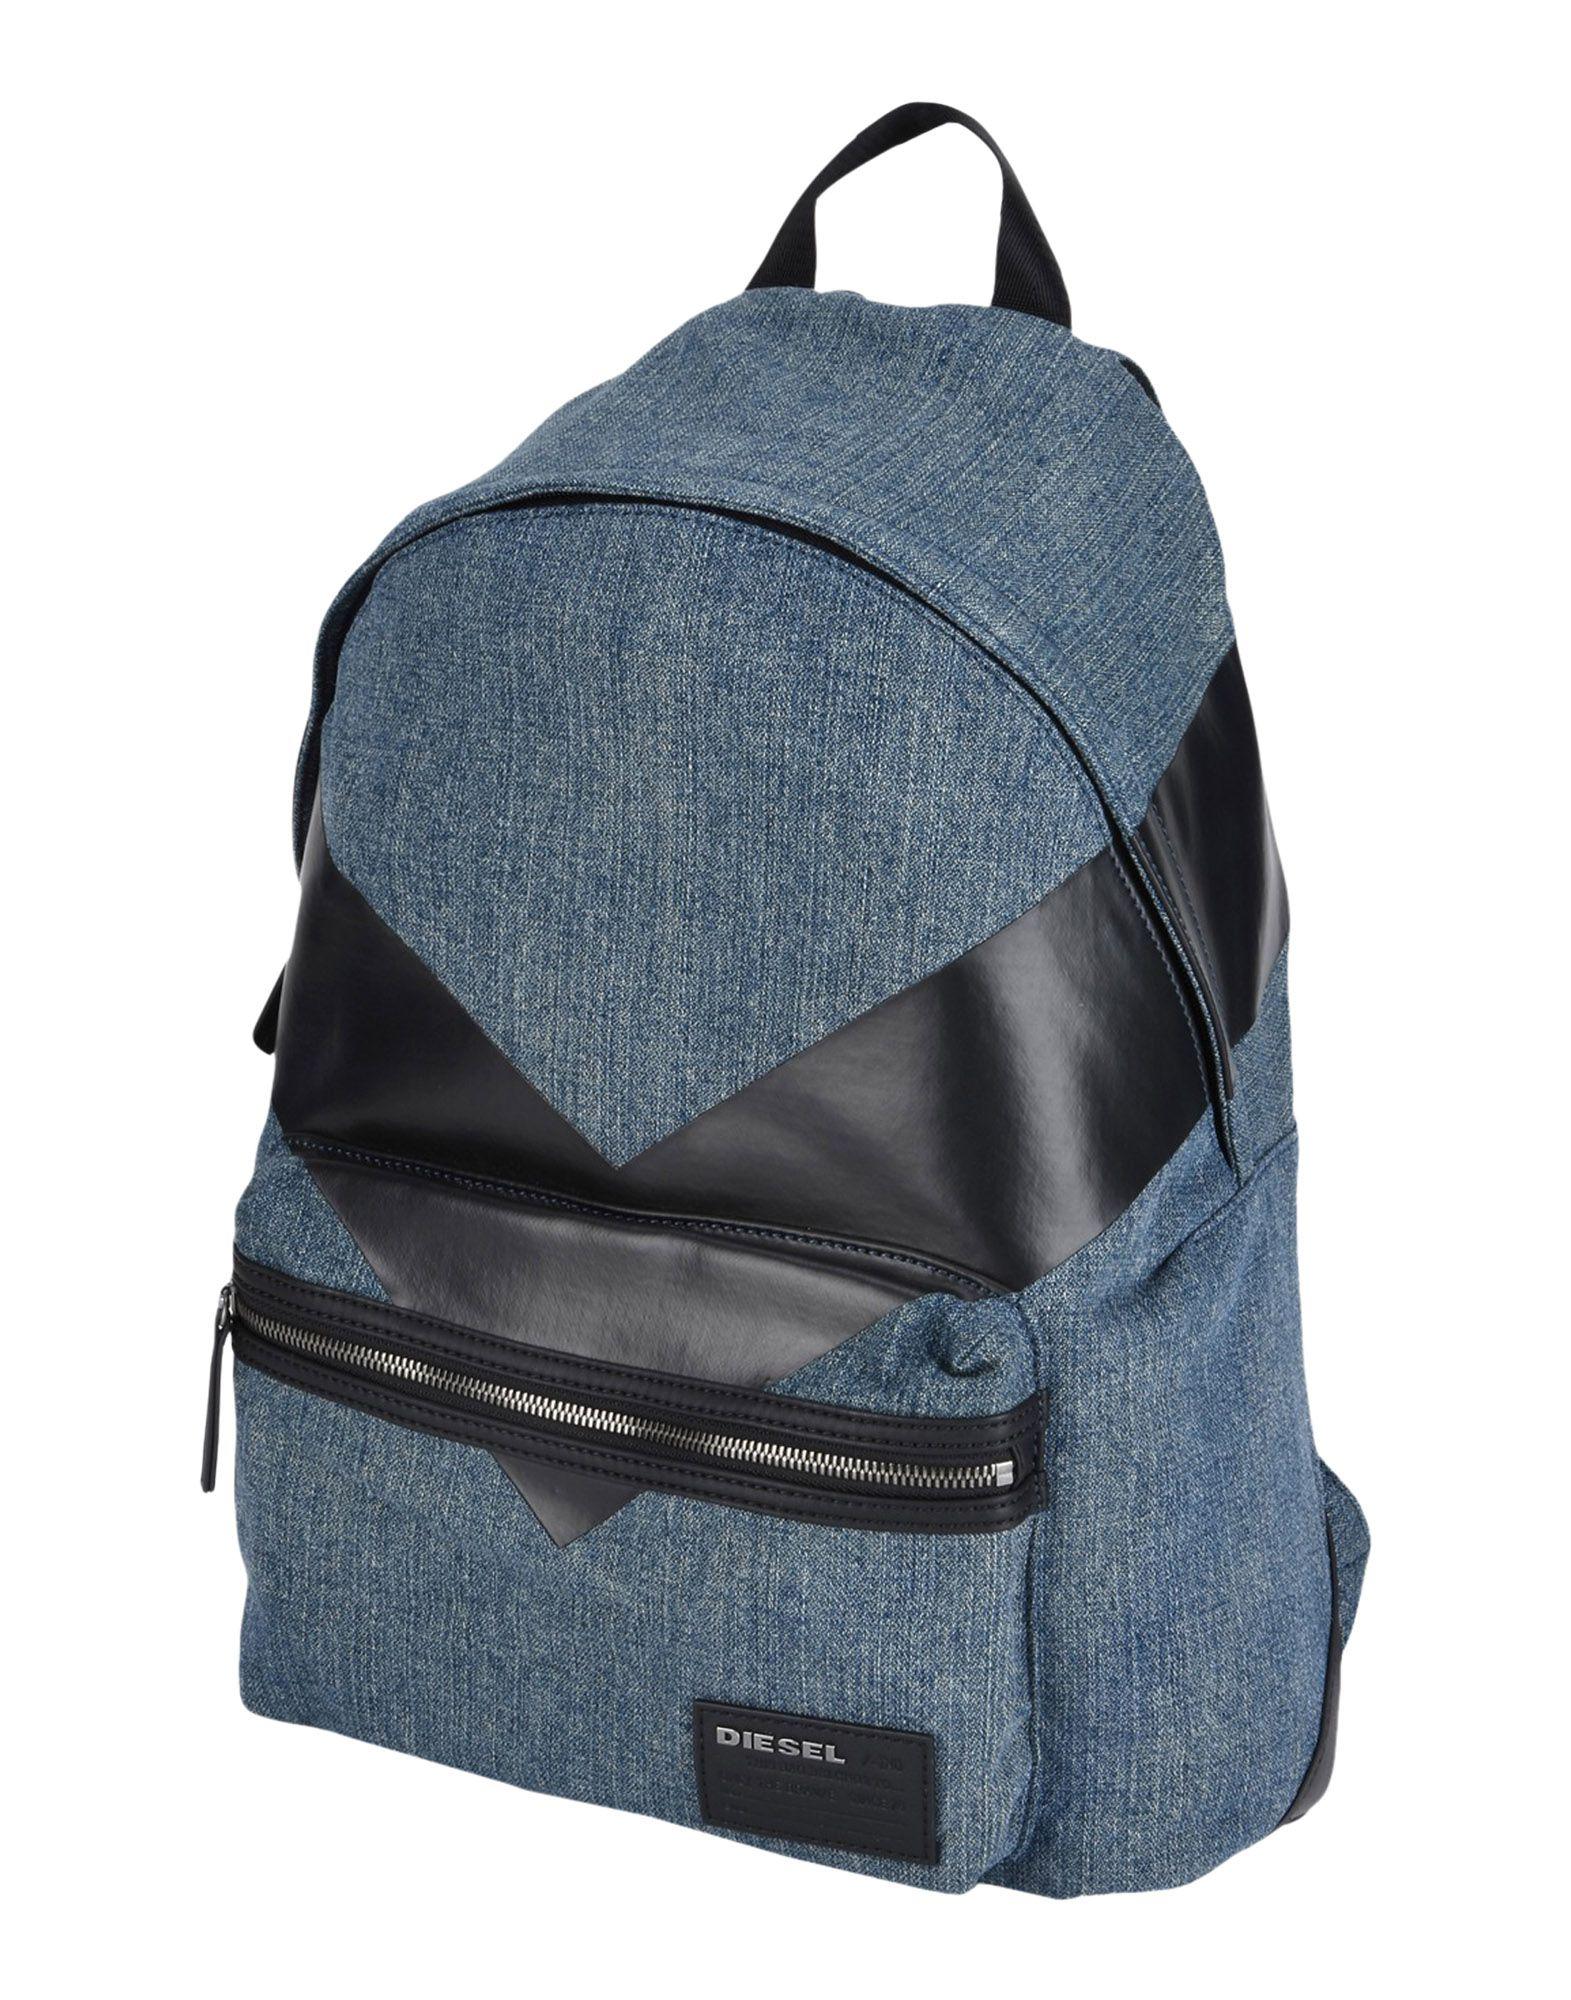 DIESEL Рюкзаки и сумки на пояс женские сумки